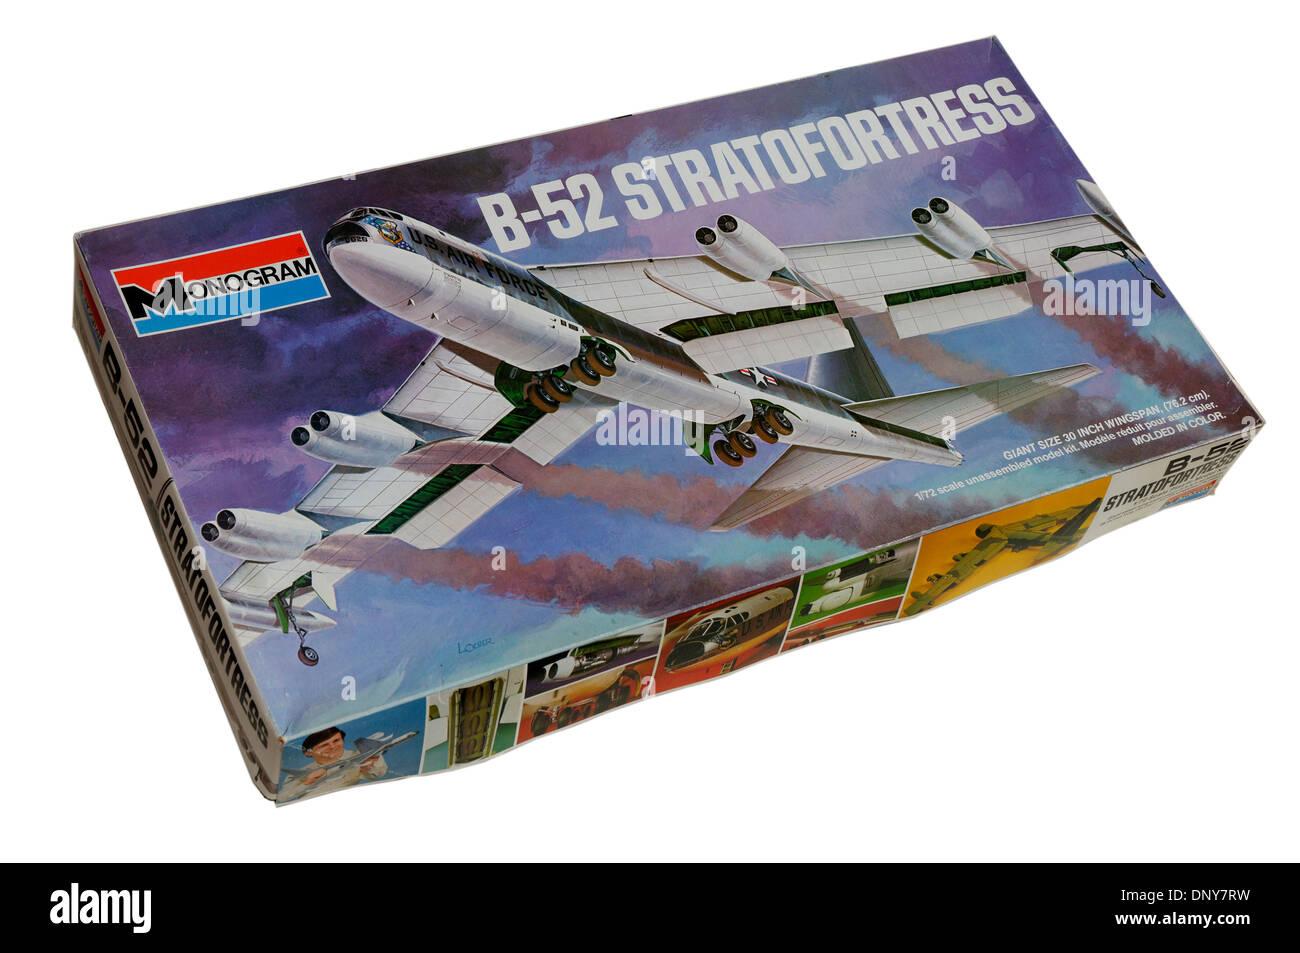 Échelle 1/72e d'un Boeing B-52 Stratofortress échelle en plastique modèle kit Banque D'Images